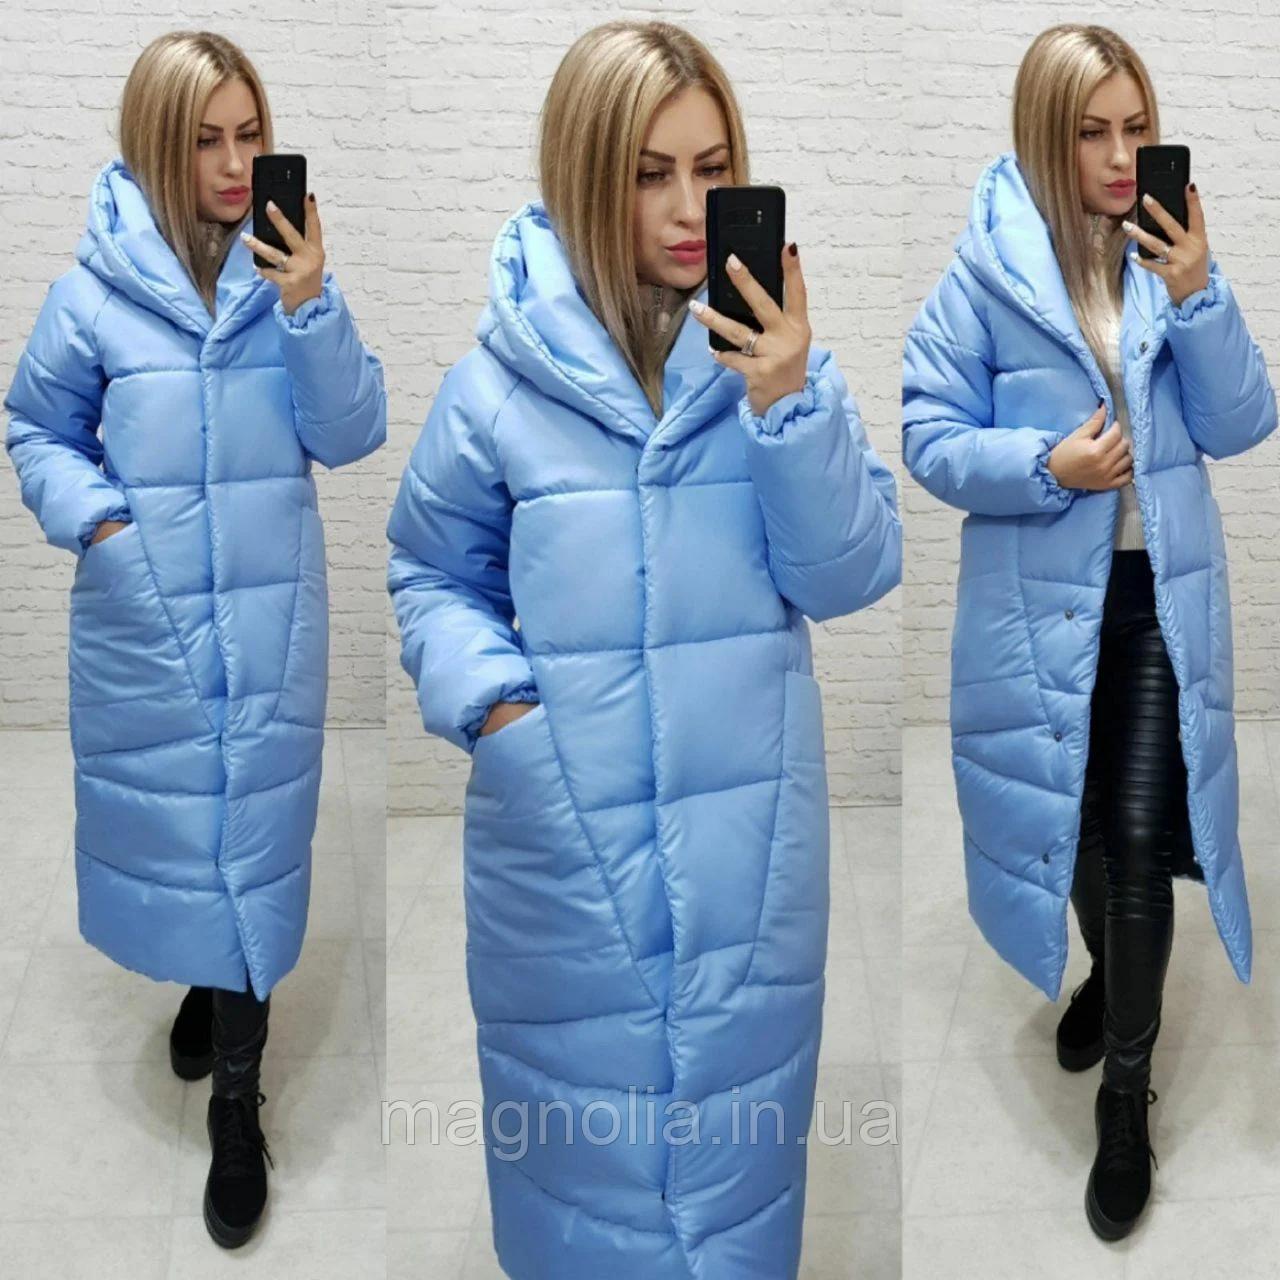 Зимняя теплая длинная  куртка пальто пуховик оверсайз одеяло с капюшоном плащевка + силикон